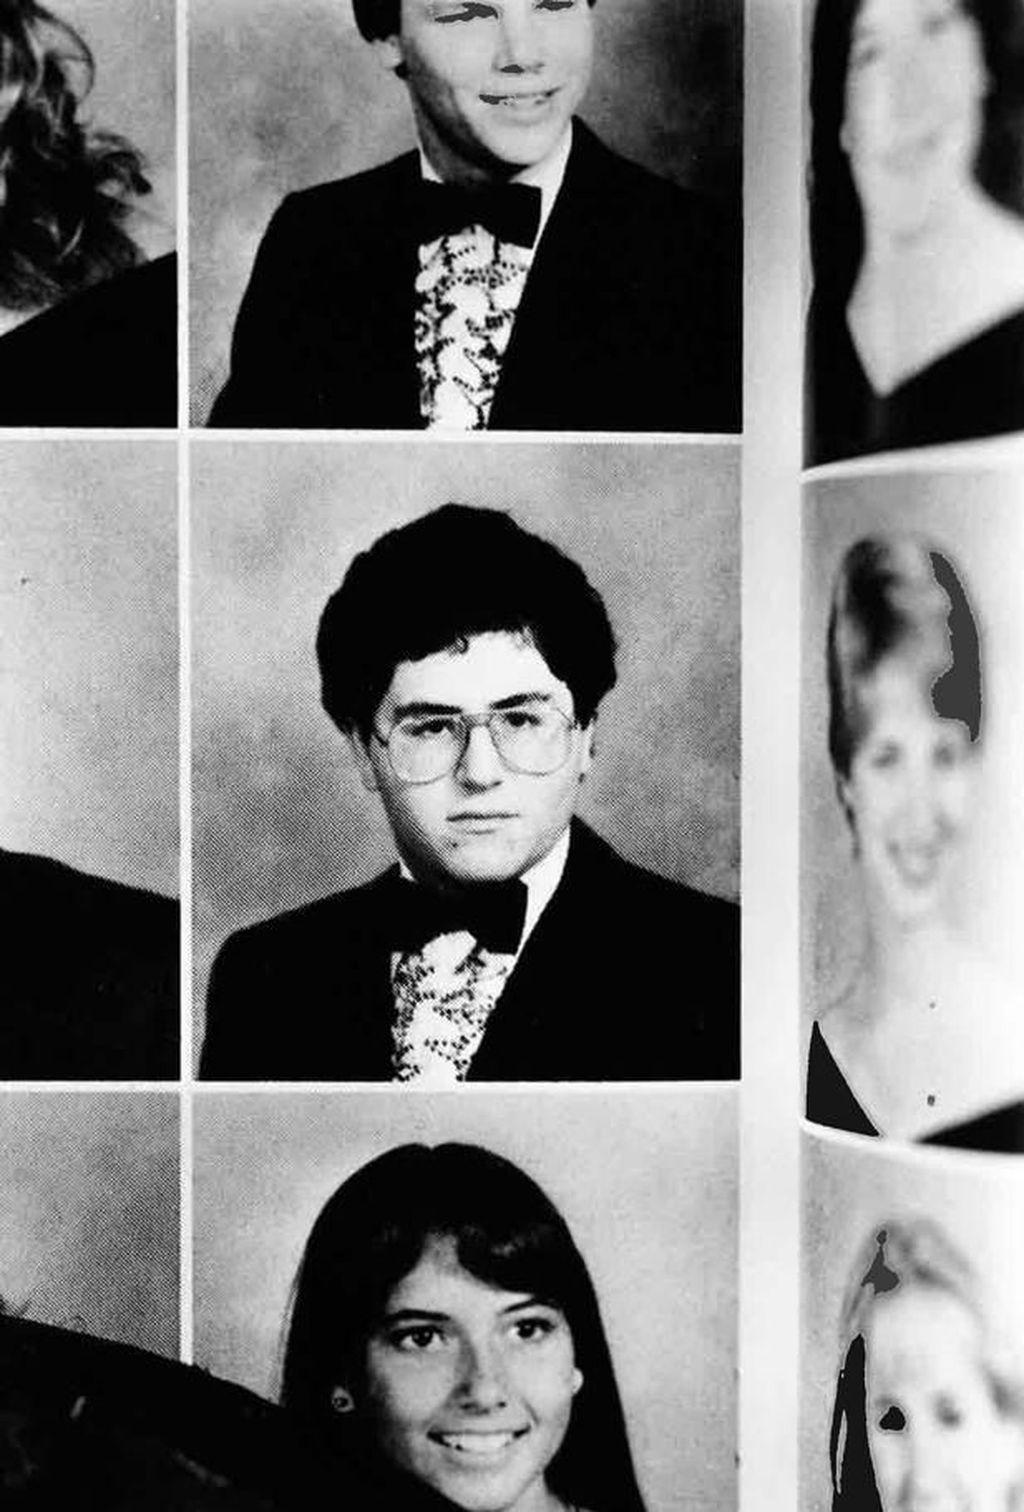 Michael Dell lahir 23 Februari 1965 di Houston, Texas, Amerika Serikat. Dia lahir dari keluarga imigran Yahudi cukup berada. Sama seperti mayoritas pentolan lain di dunia teknologi, Michael sudah tertarik mengutak atik komputer sejak kecil. Dia membeli sebuah kalkulator saat berumur 7 tahun. Foto: istimewa